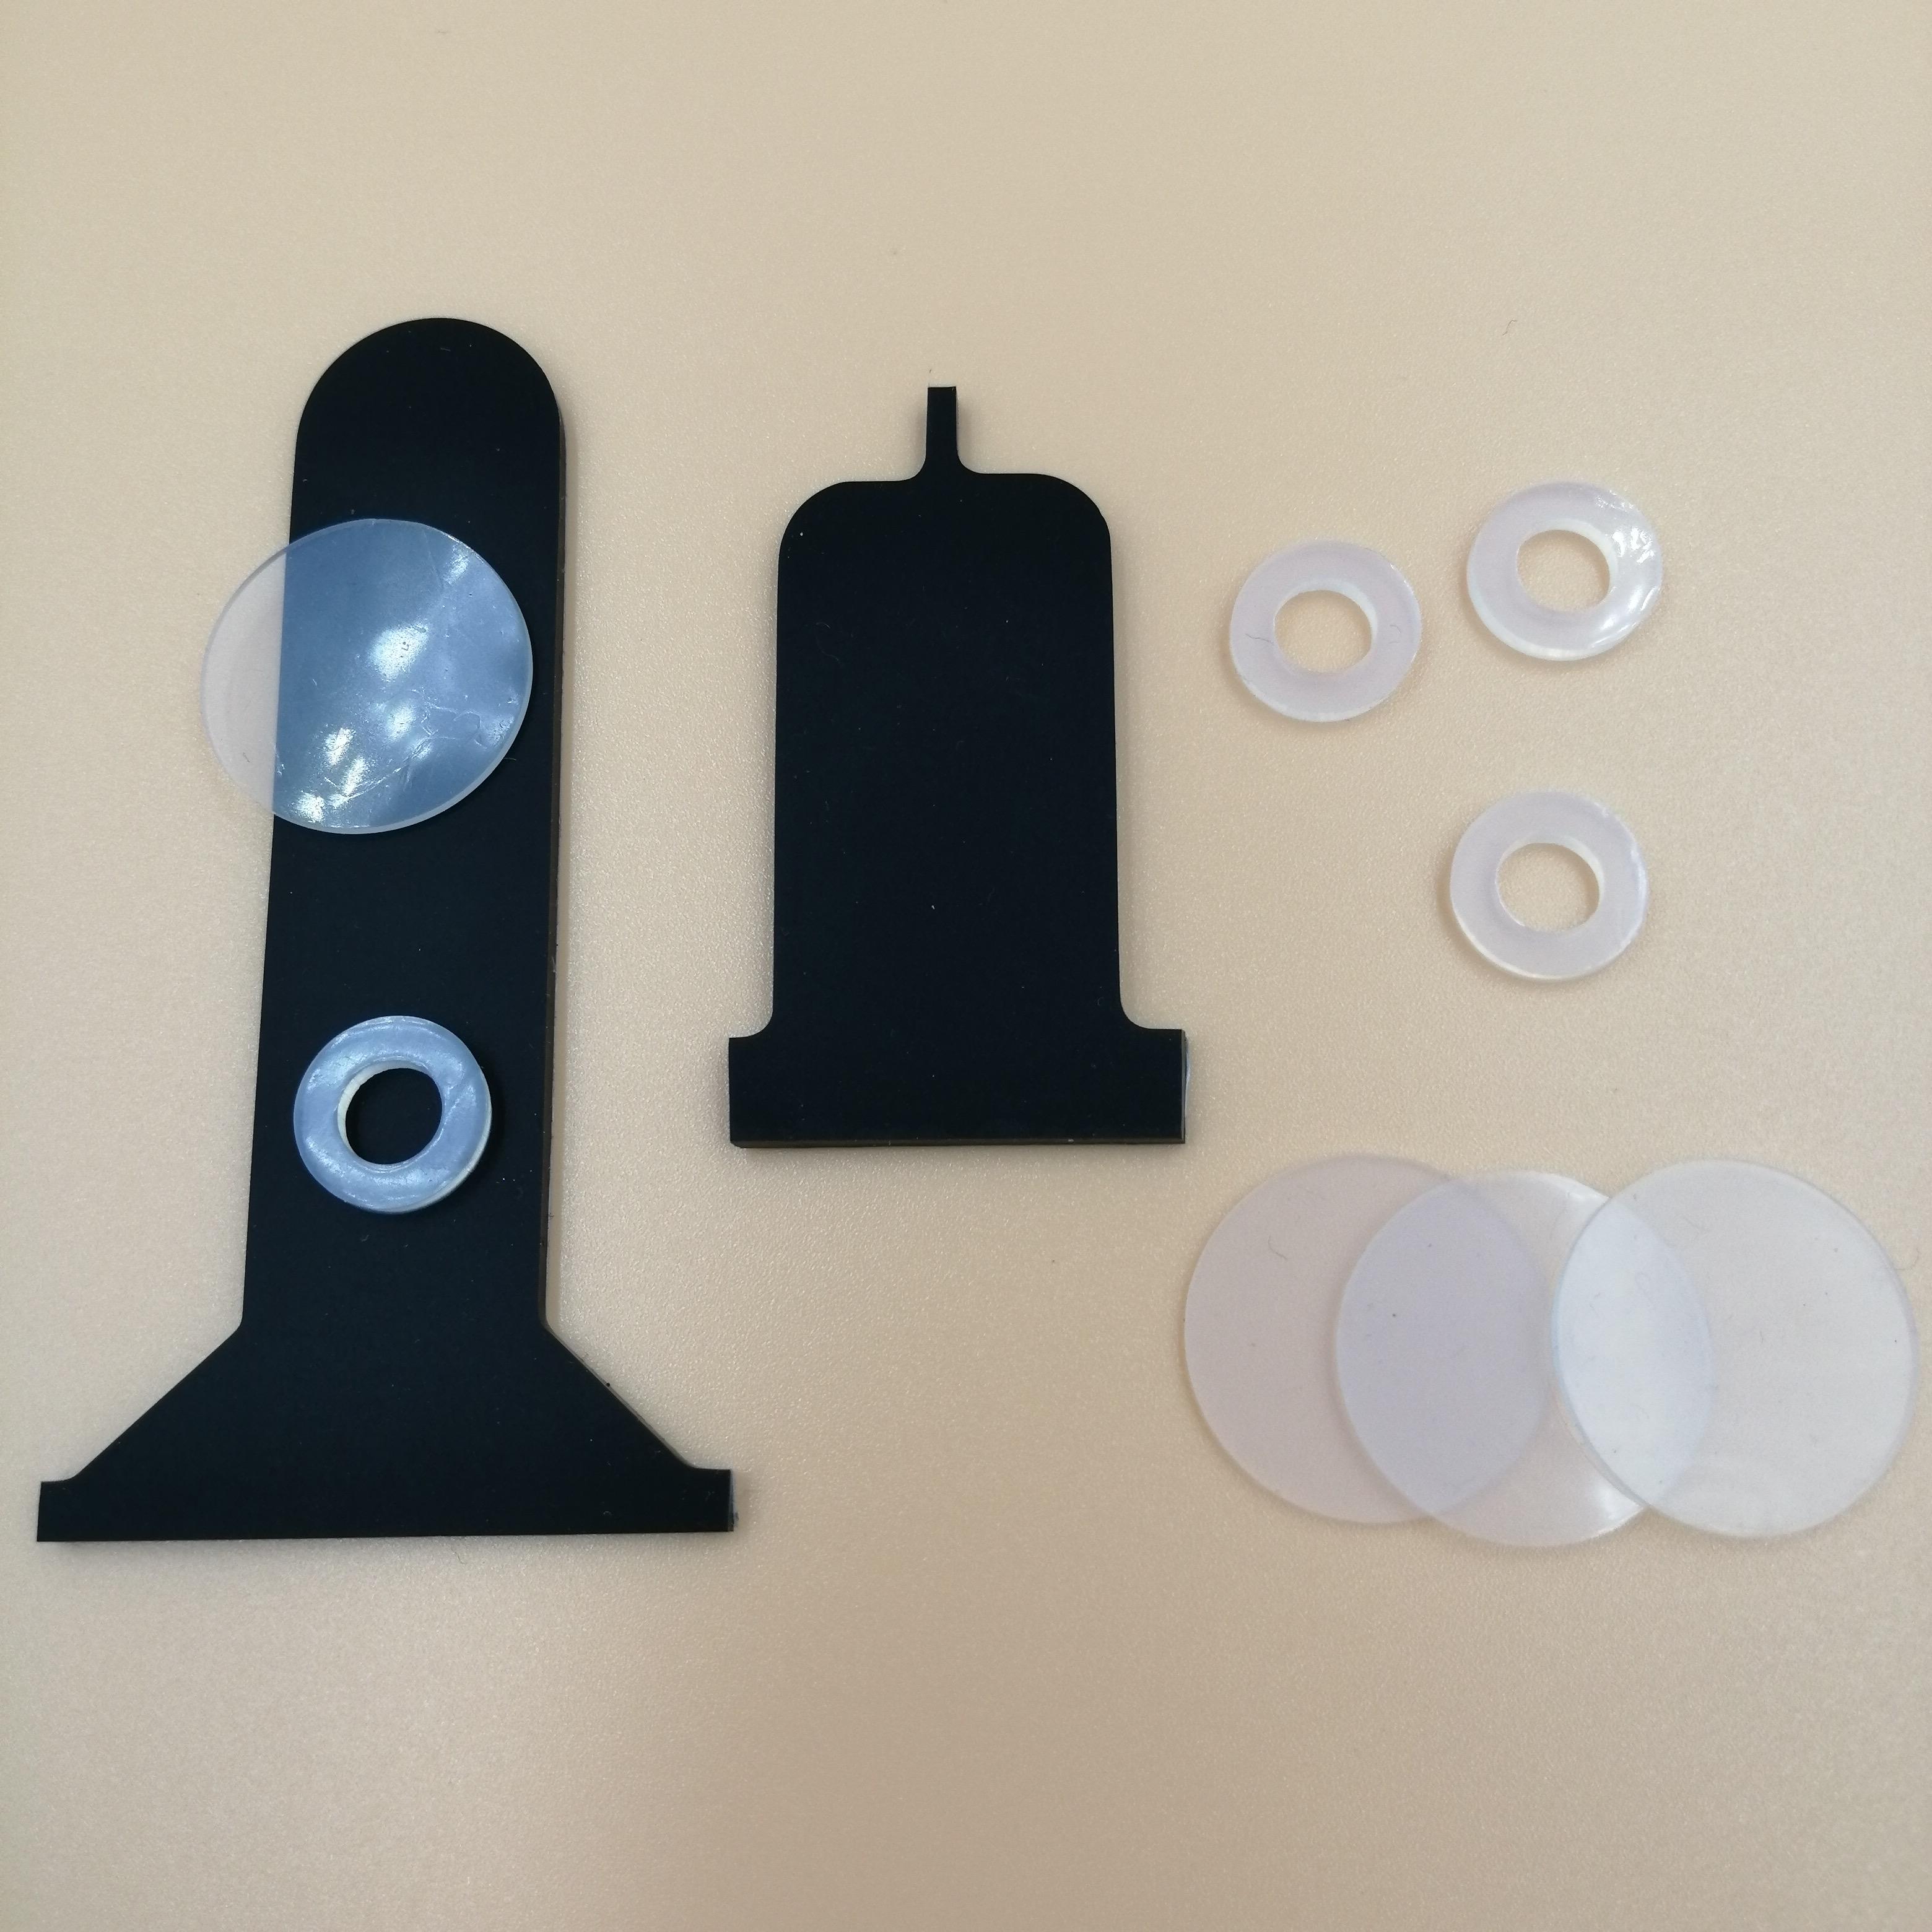 爆款磁吸無線充硅膠墊 乳白色灰色圓形硅膠腳墊 防滑硅膠墊可定制